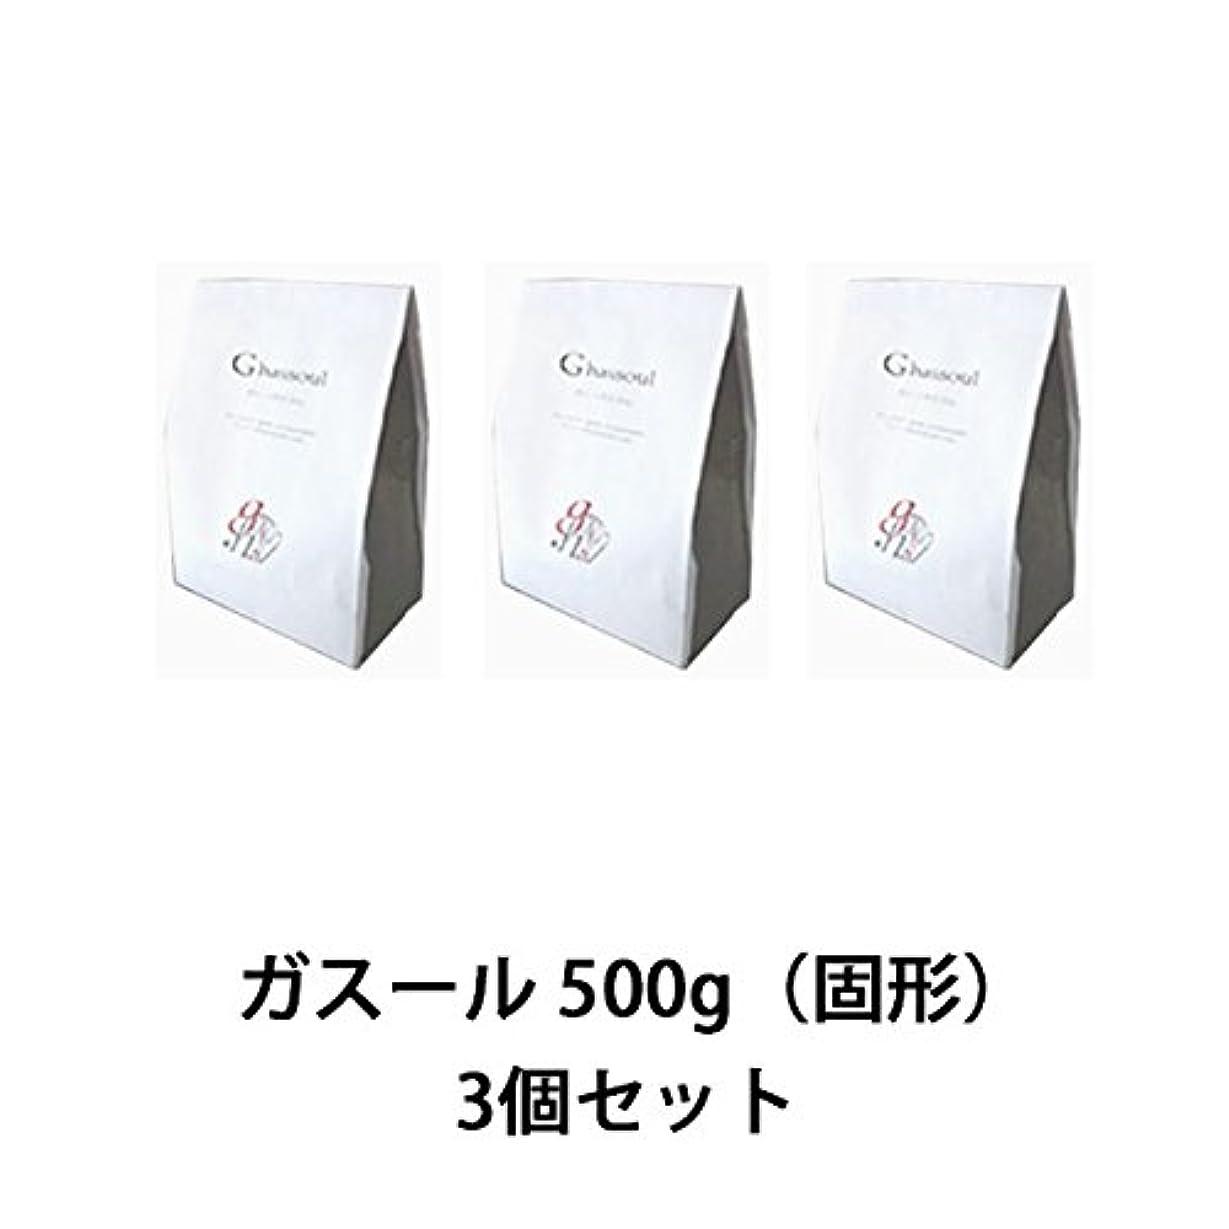 払い戻し冗長革命的【ナイアード】ガスール 固形 500g ×3個セット